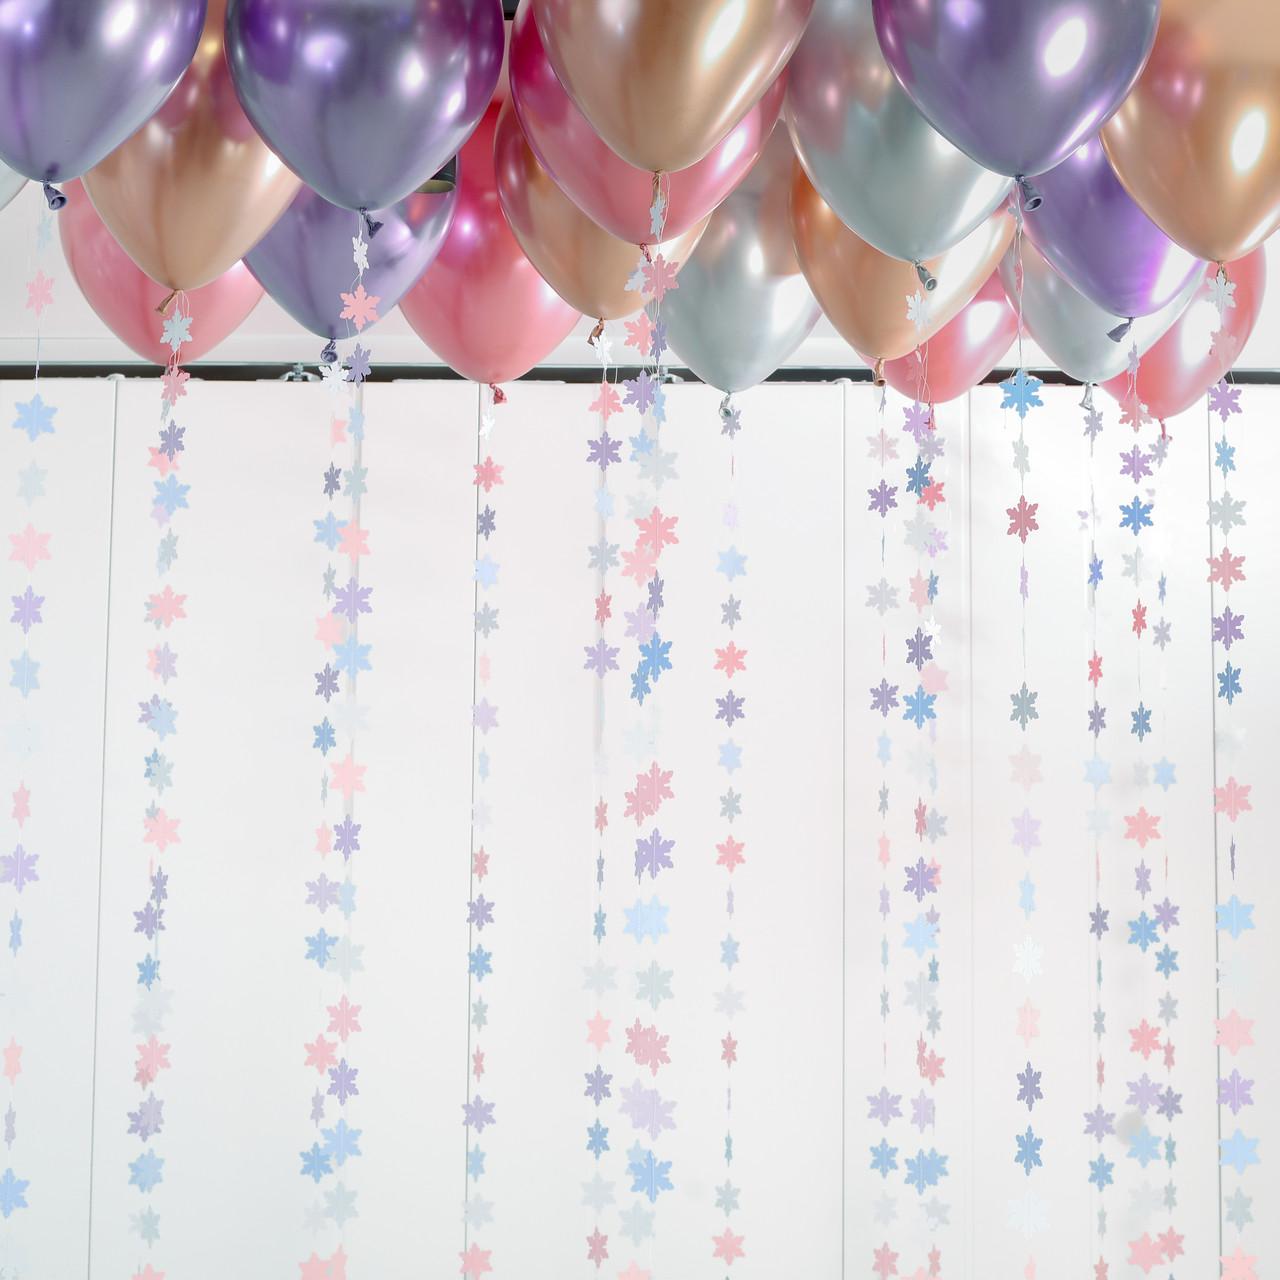 20 хромированных шаров под потолок с гирляндами снежинки